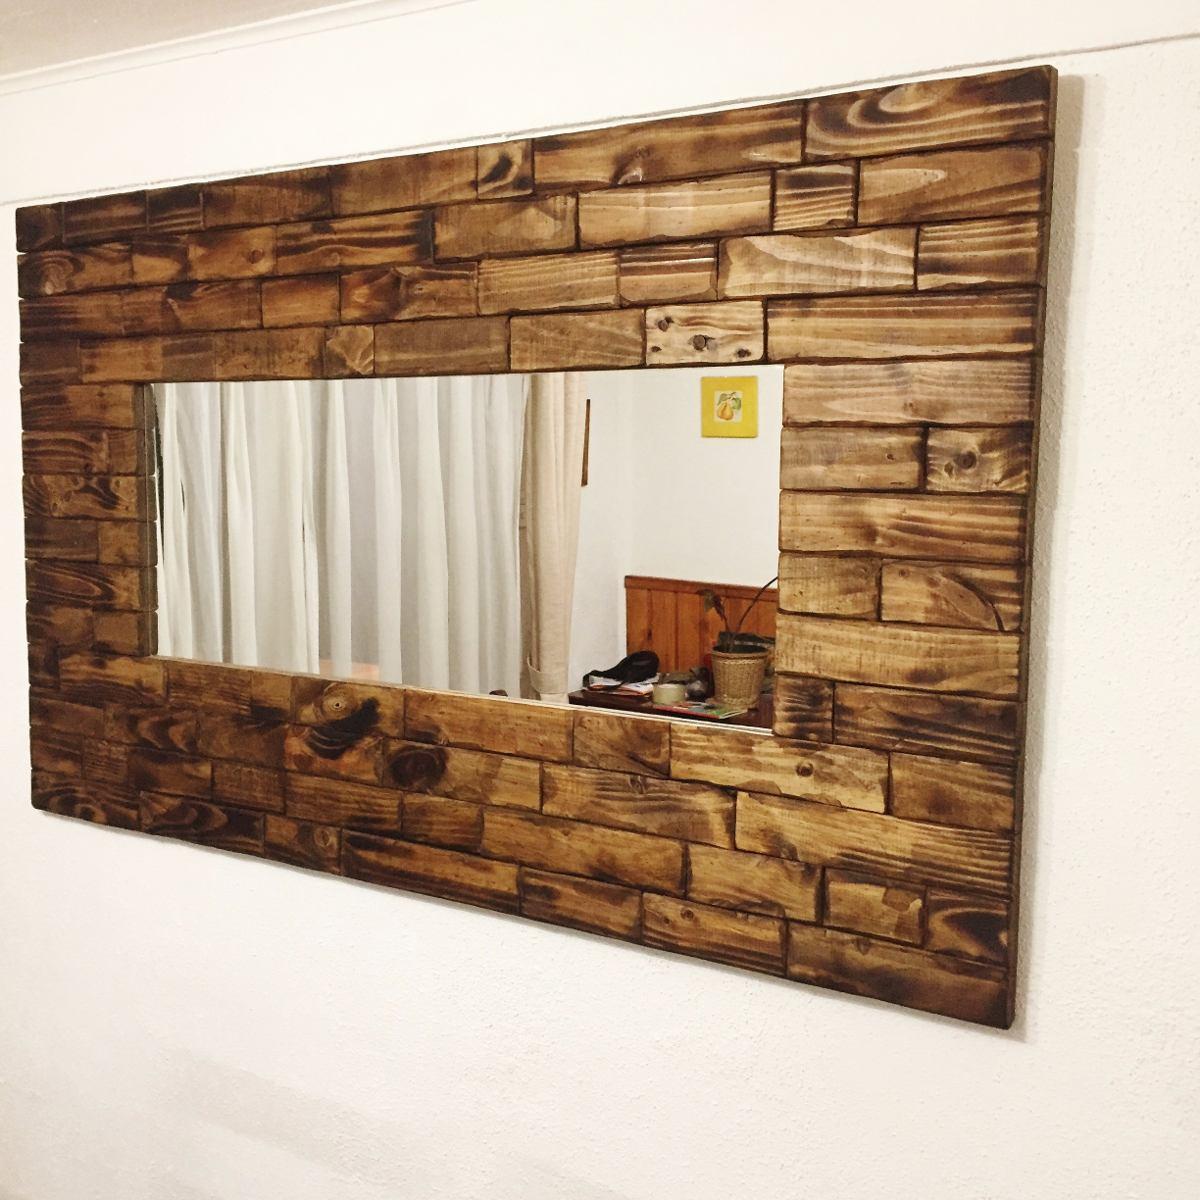 Espejo de madera rustico 140x80 aprox en - Marcos rusticos para fotos ...